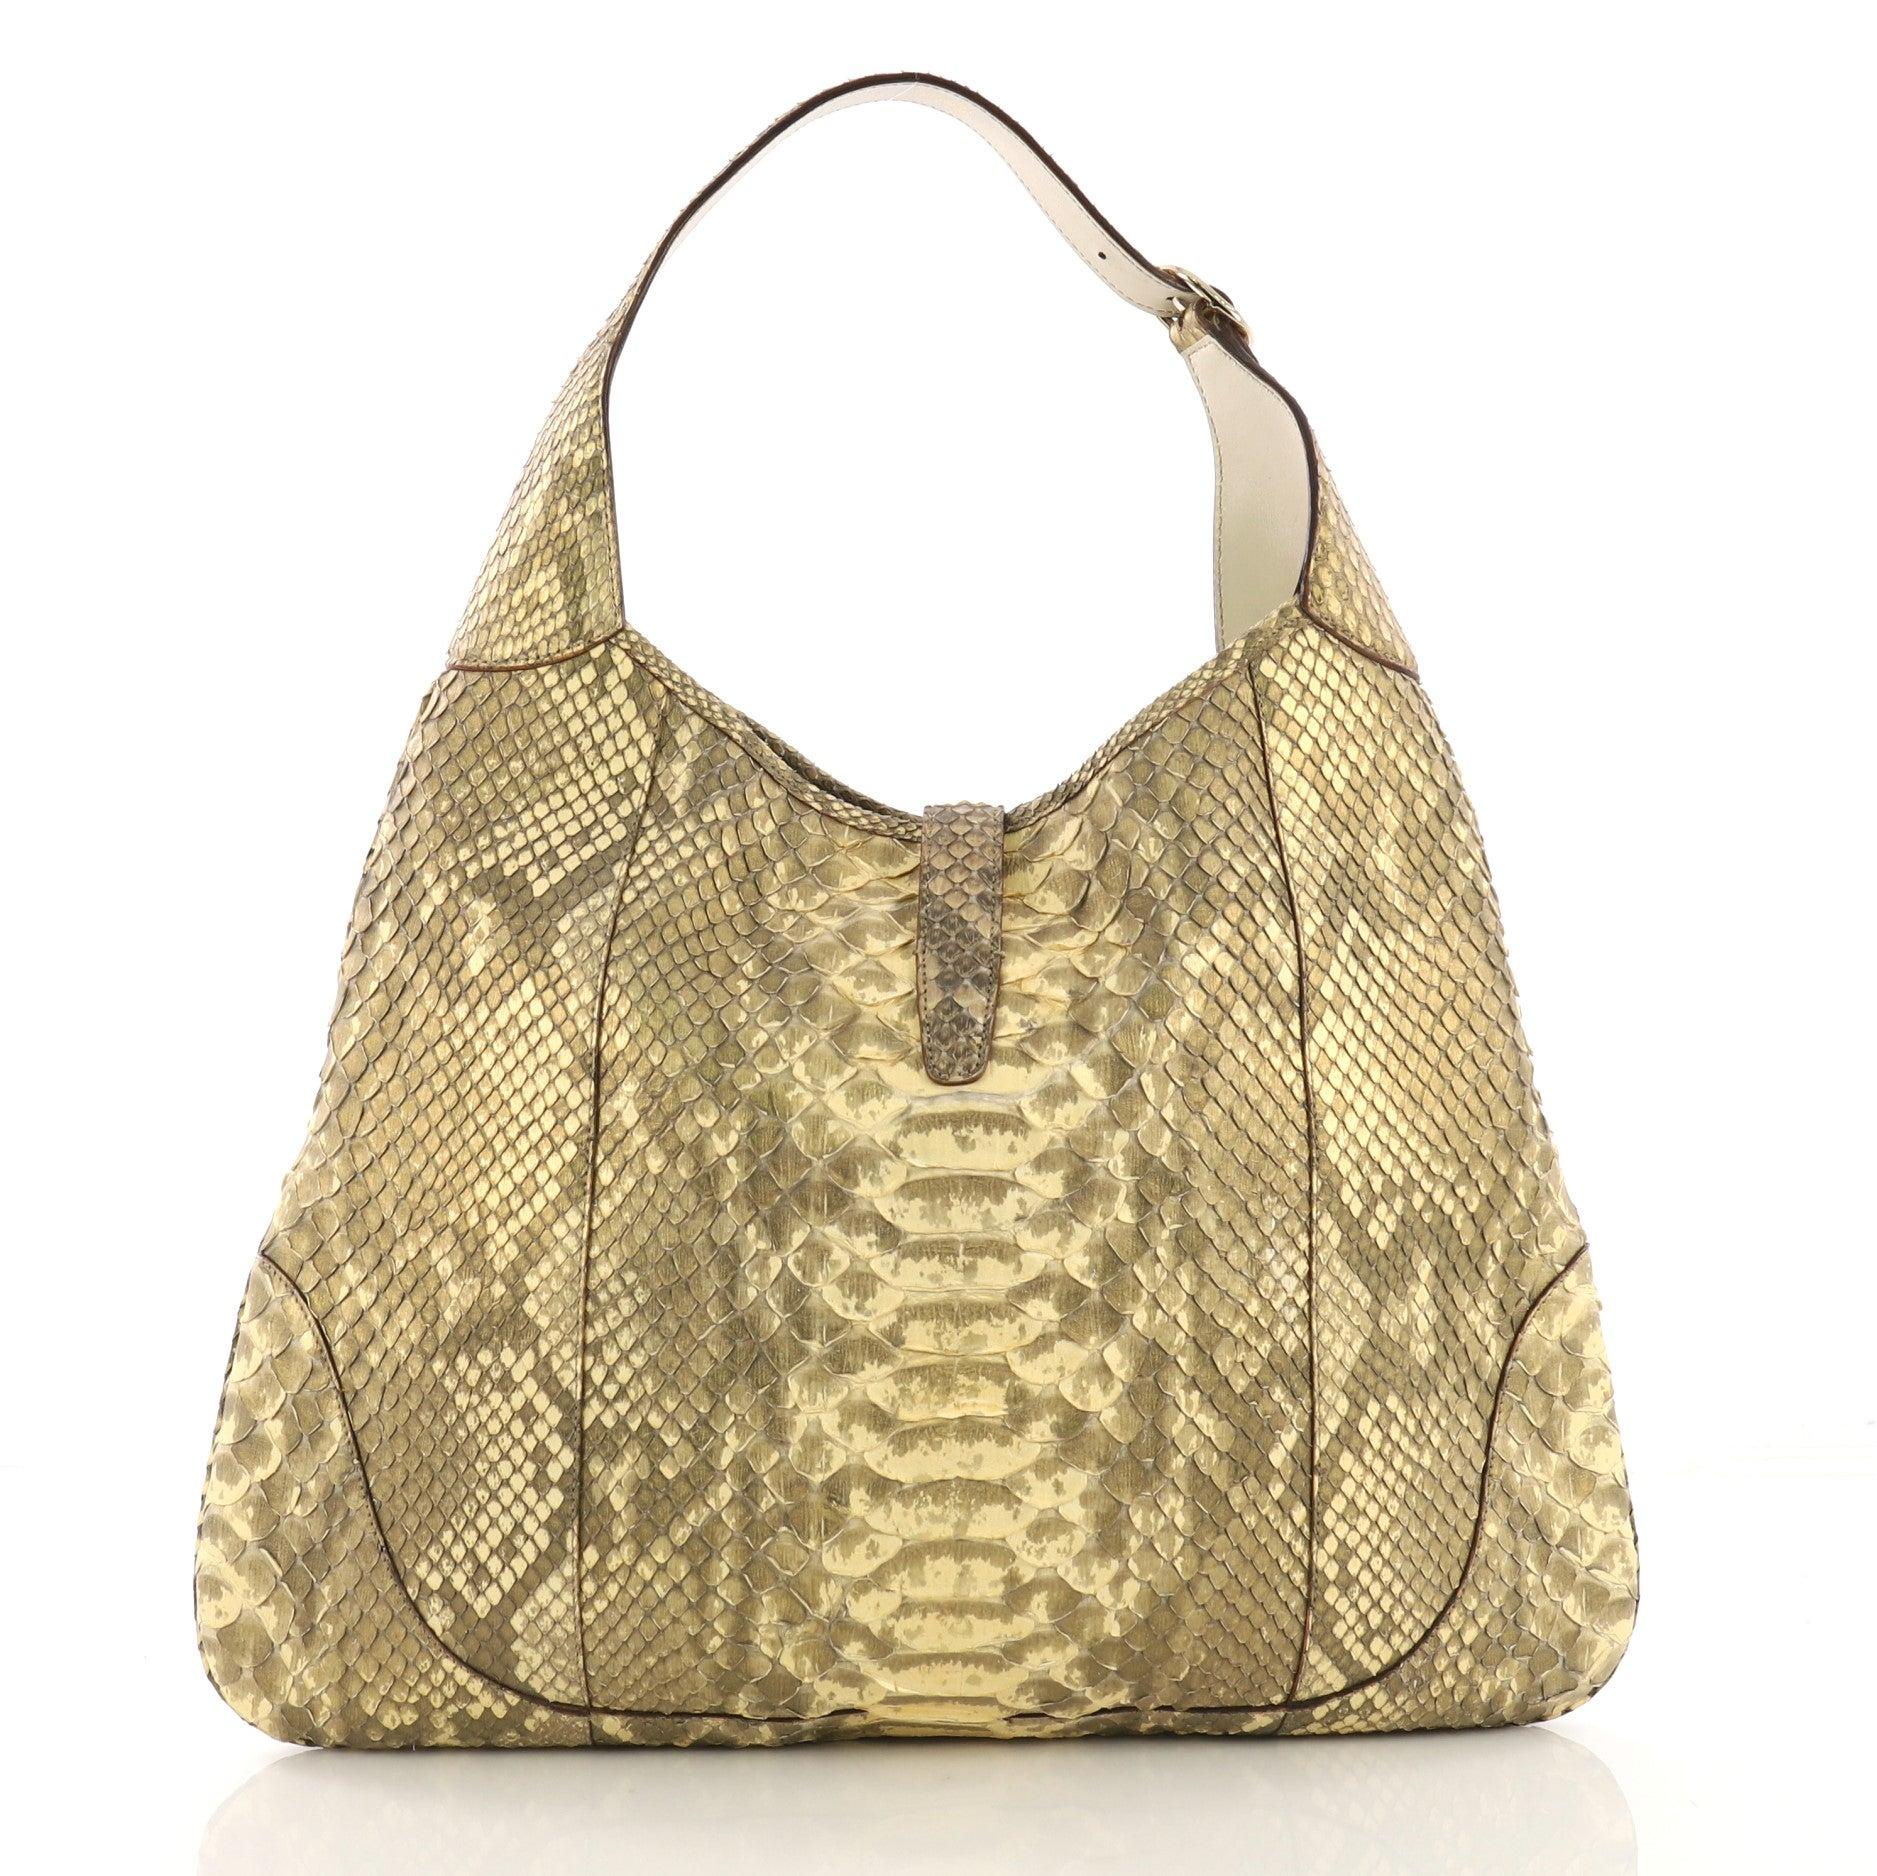 ddafca311 Gucci Jackie O Handbag Python Large at 1stdibs